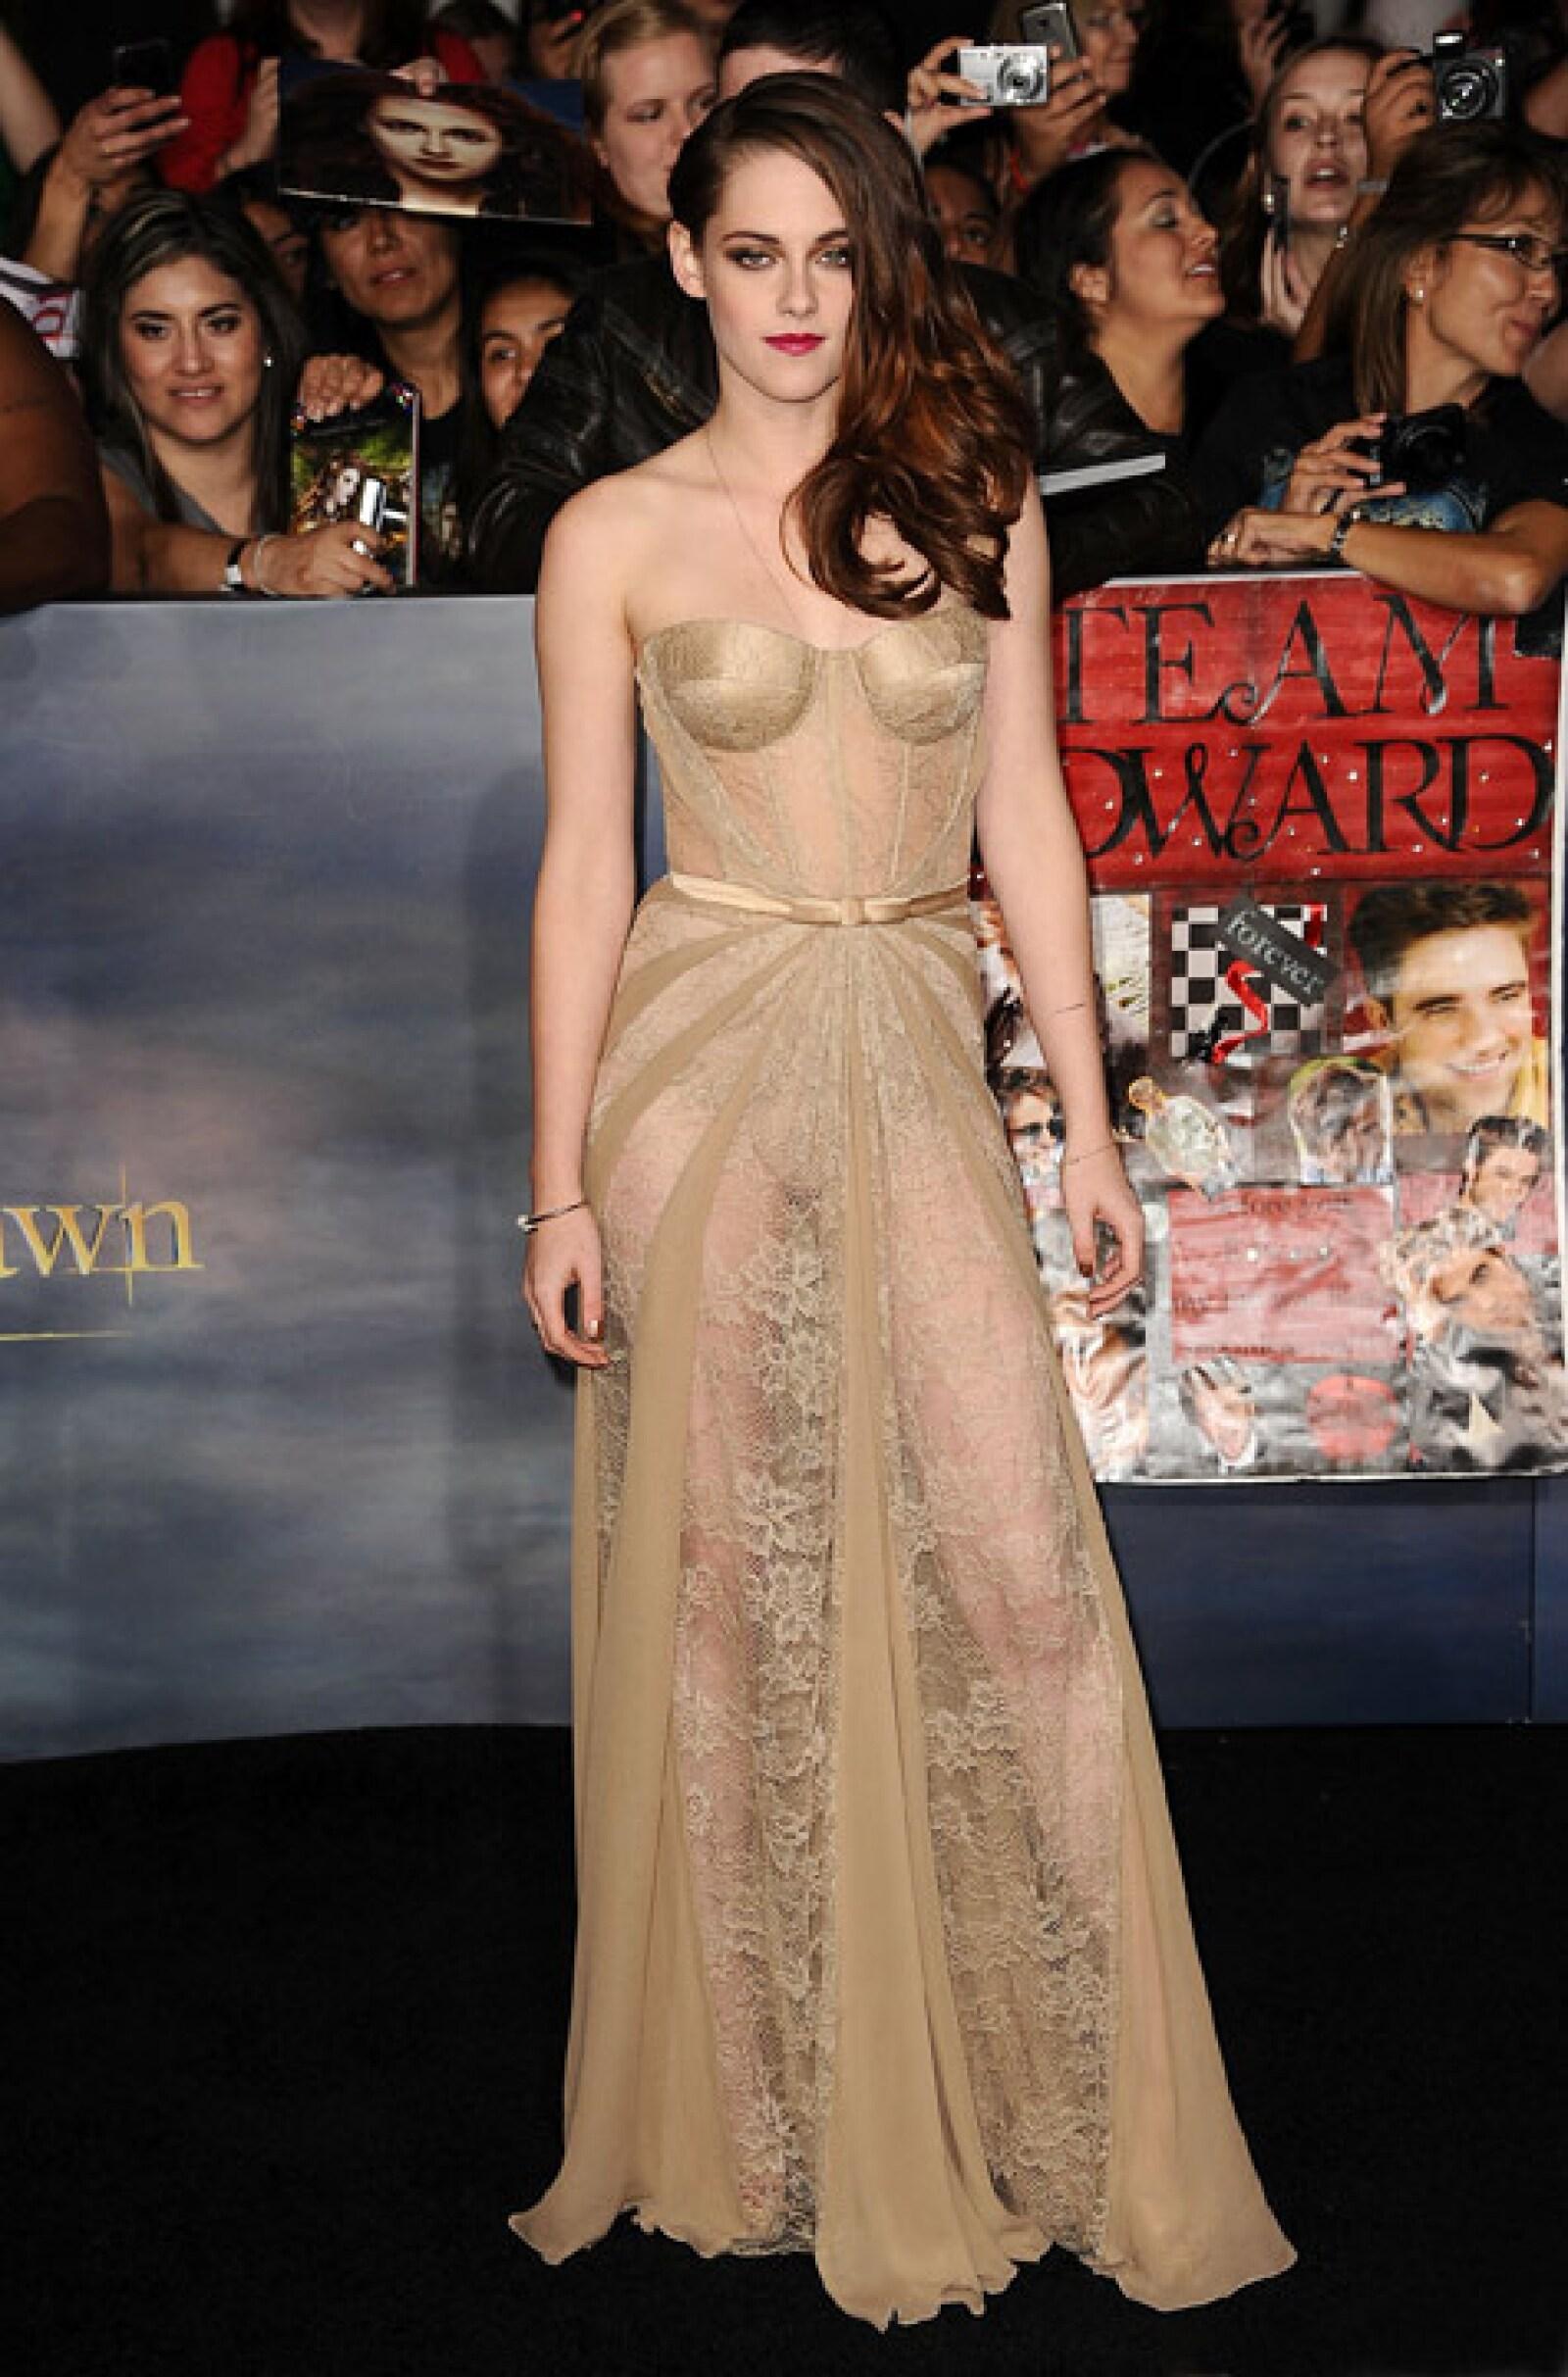 Un día antes, en Los Ángeles, Kristen arribó a la alfombra roja deslumbrante en un vestido transparente de Zuhair Murad.